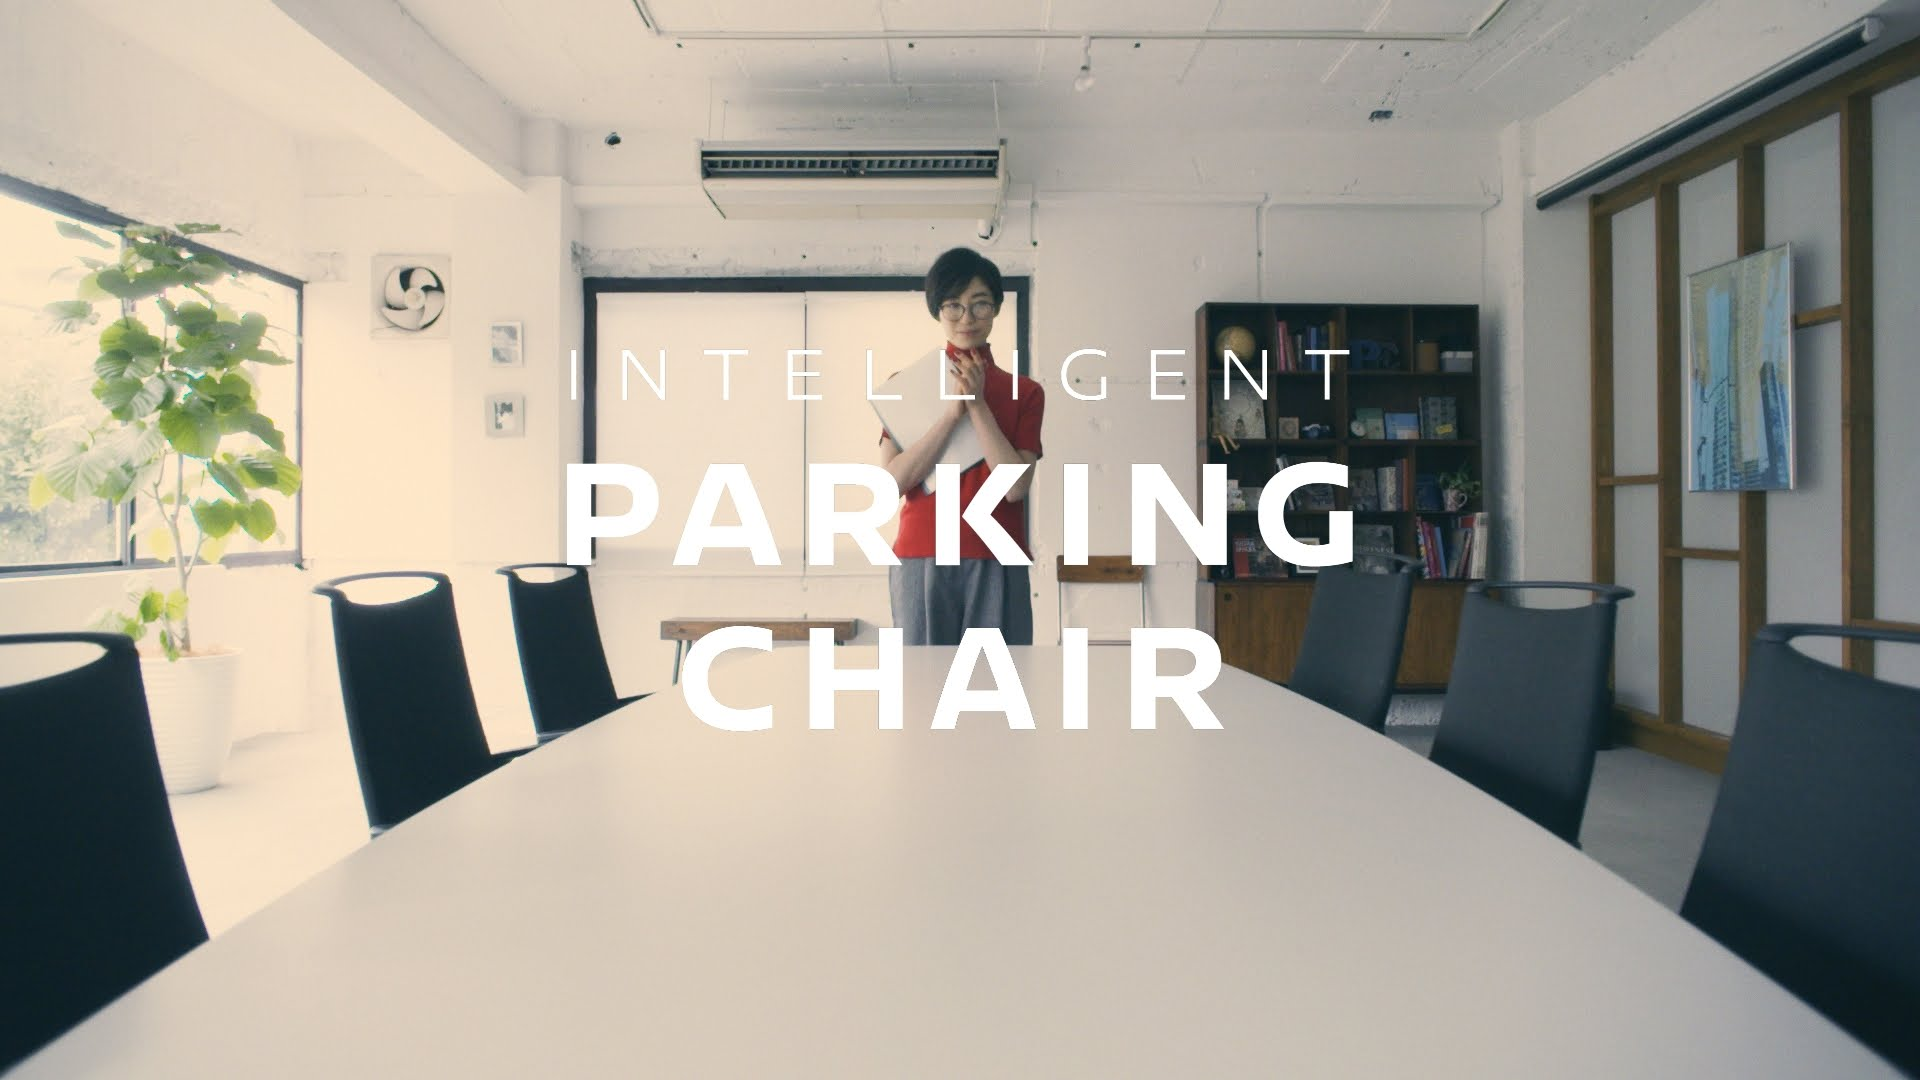 Cadeira inteligente que estaciona sozinha